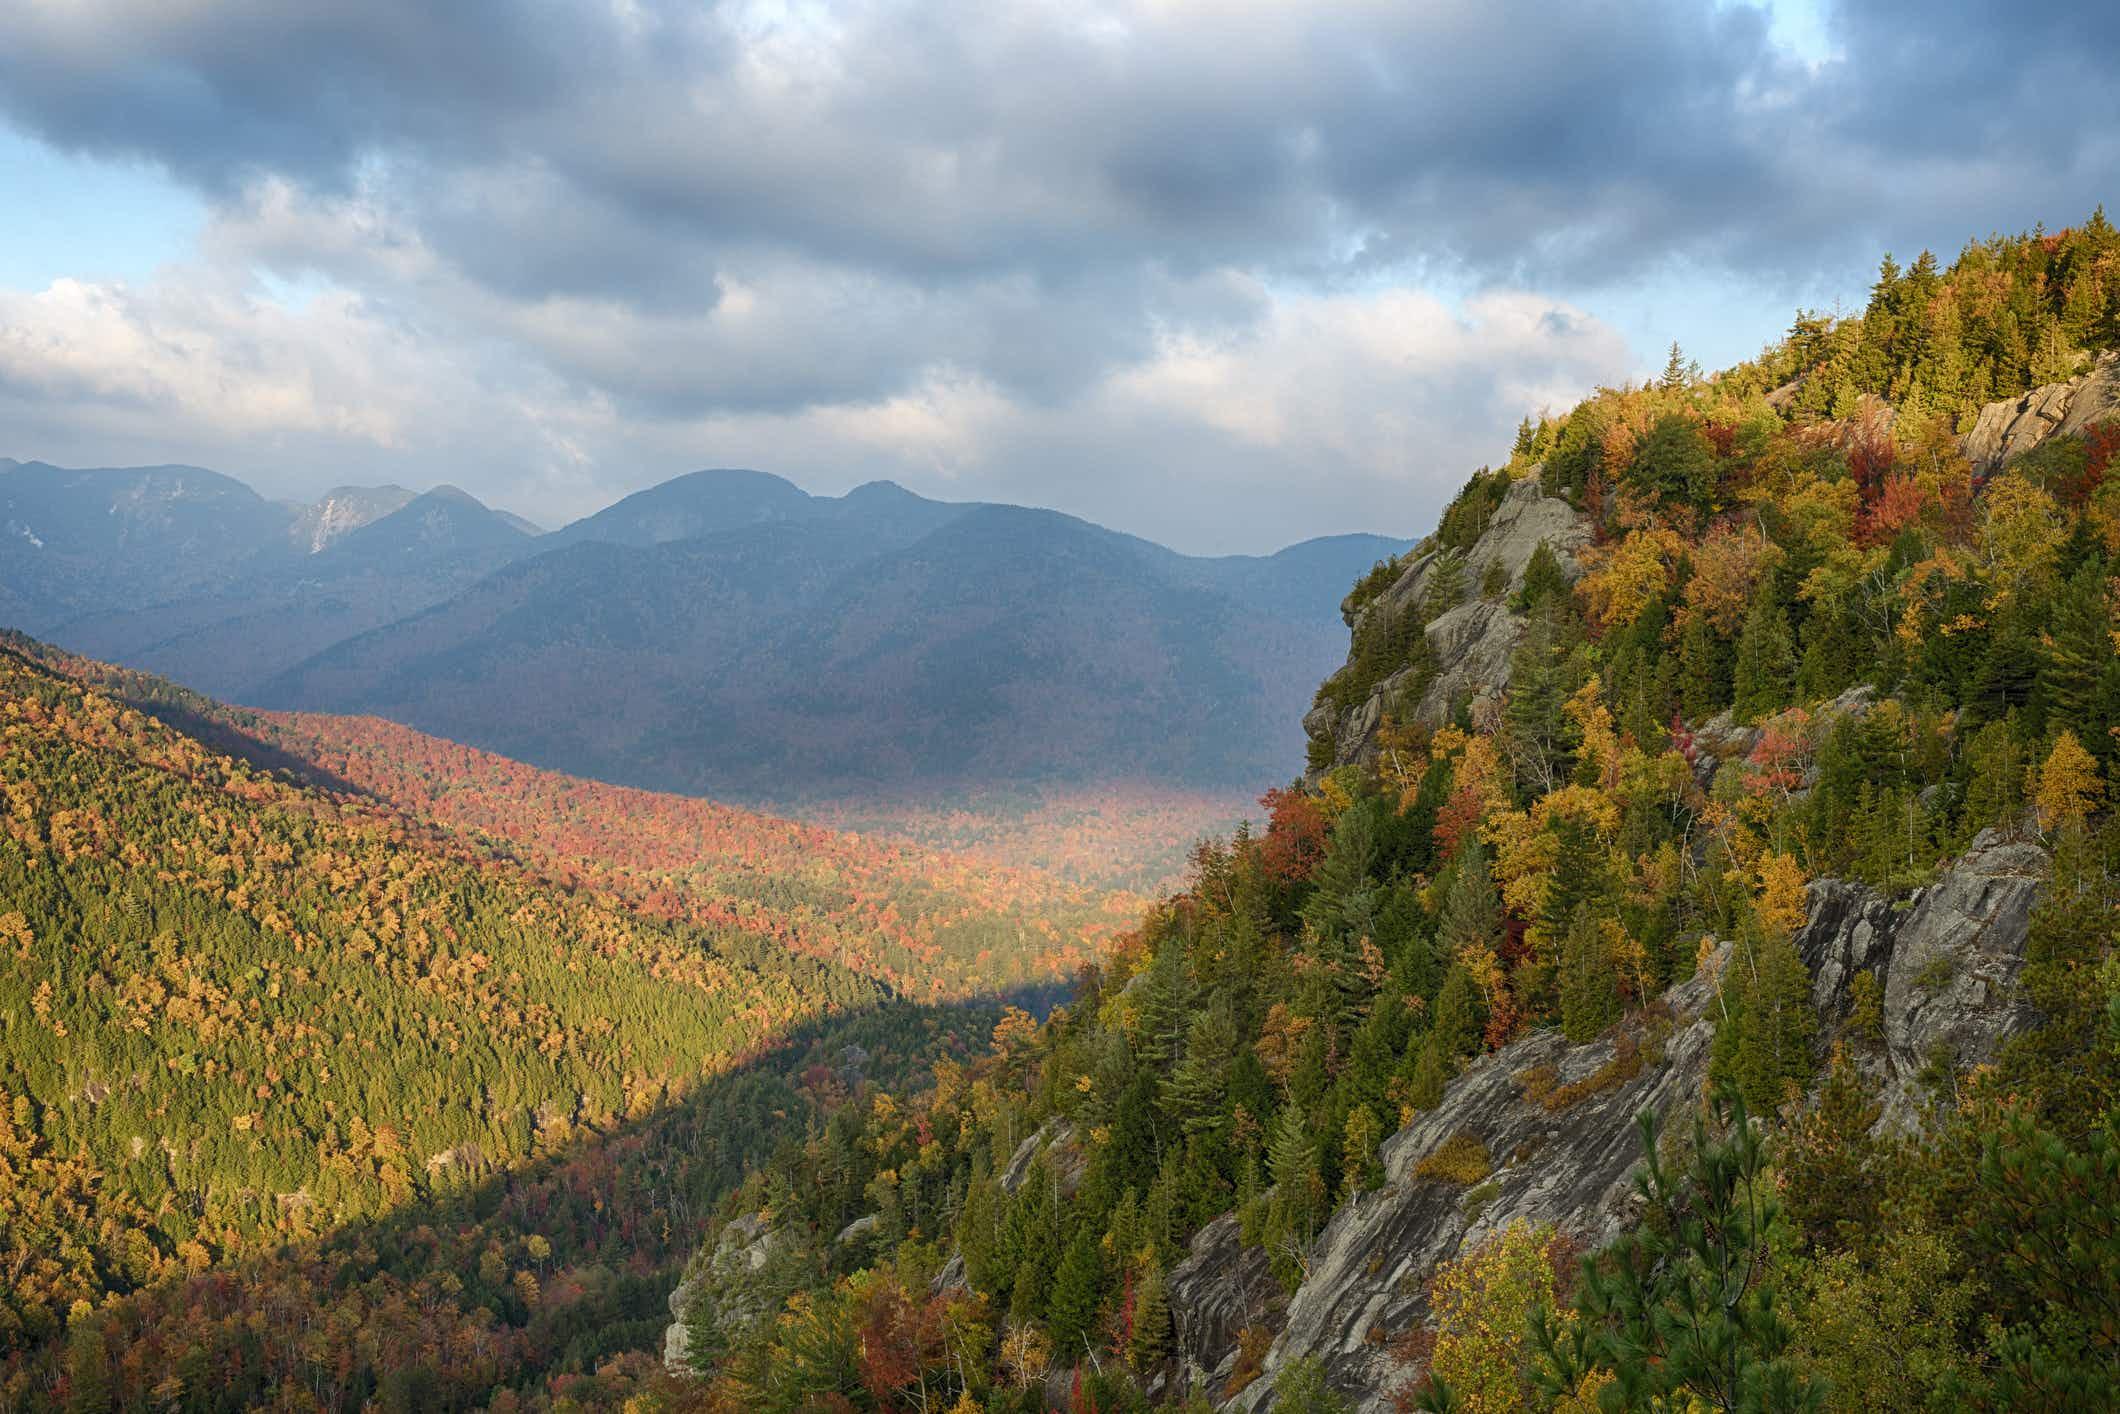 Top spots for outdoor activities in the Adirondacks